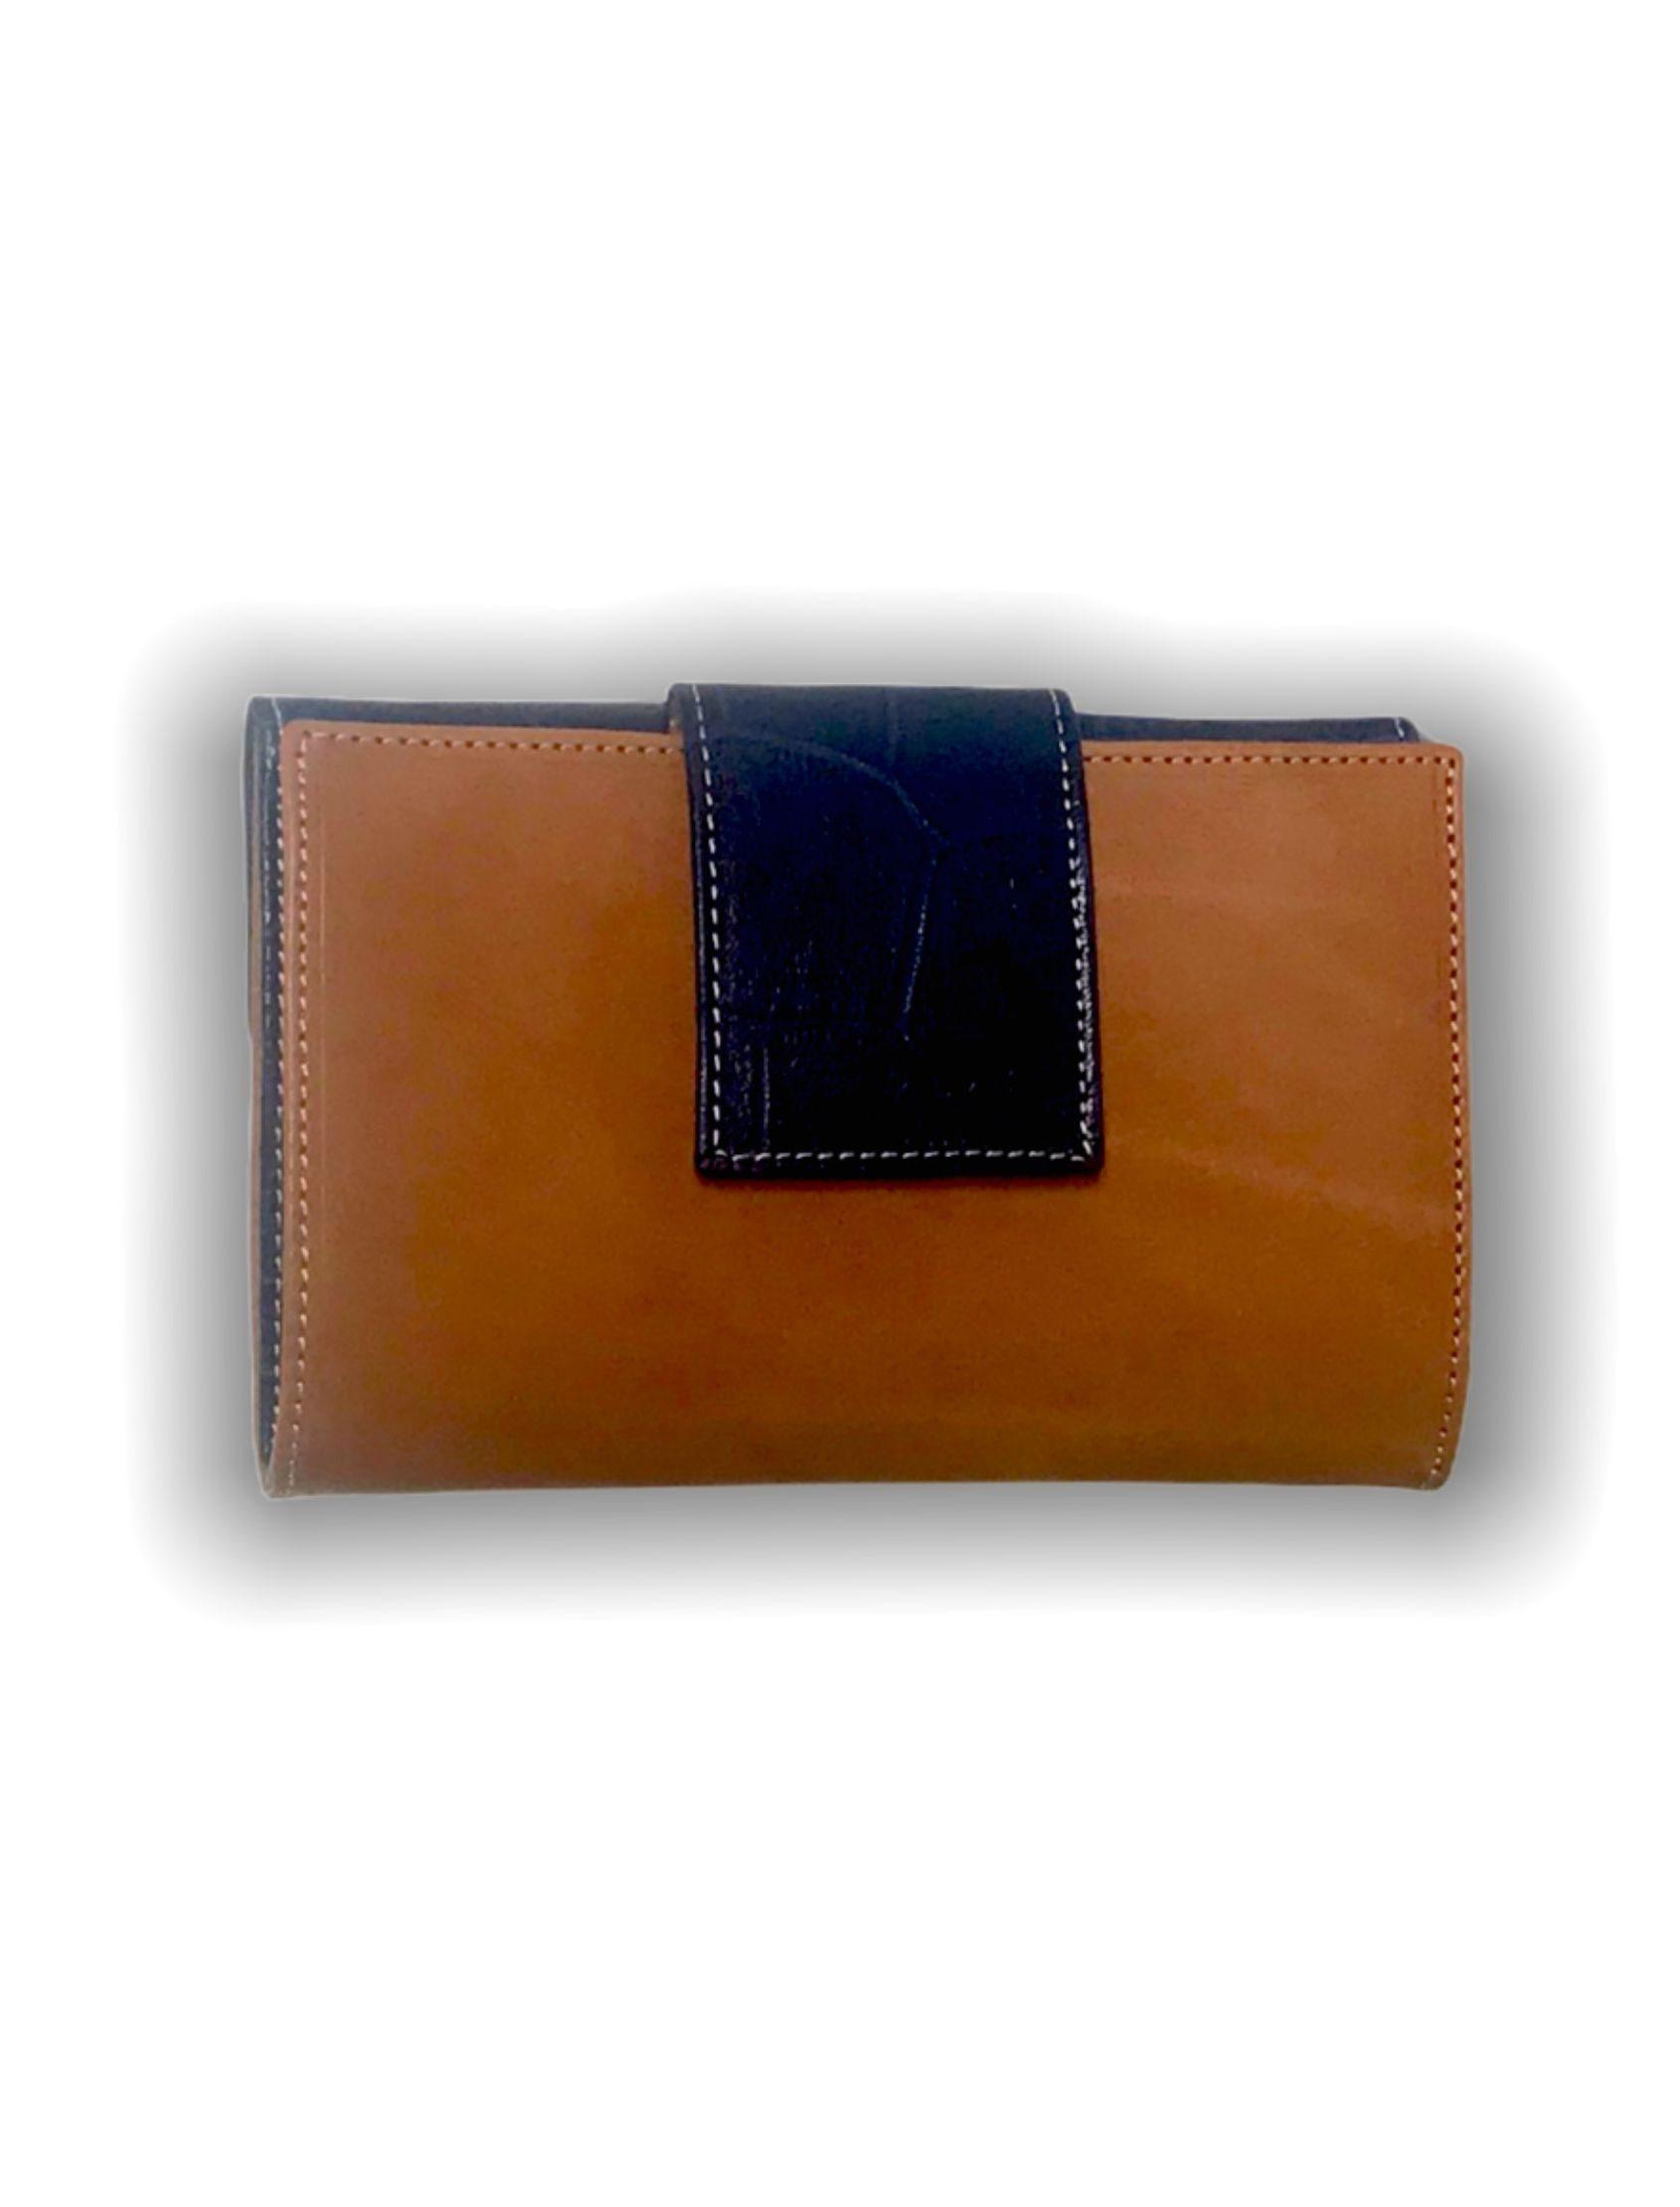 Billetera Señora Piel Cuero-Azul. Cierre delantero mediante broche a presión. Parte trasera con monedero de dos departamentos con broche a presión.